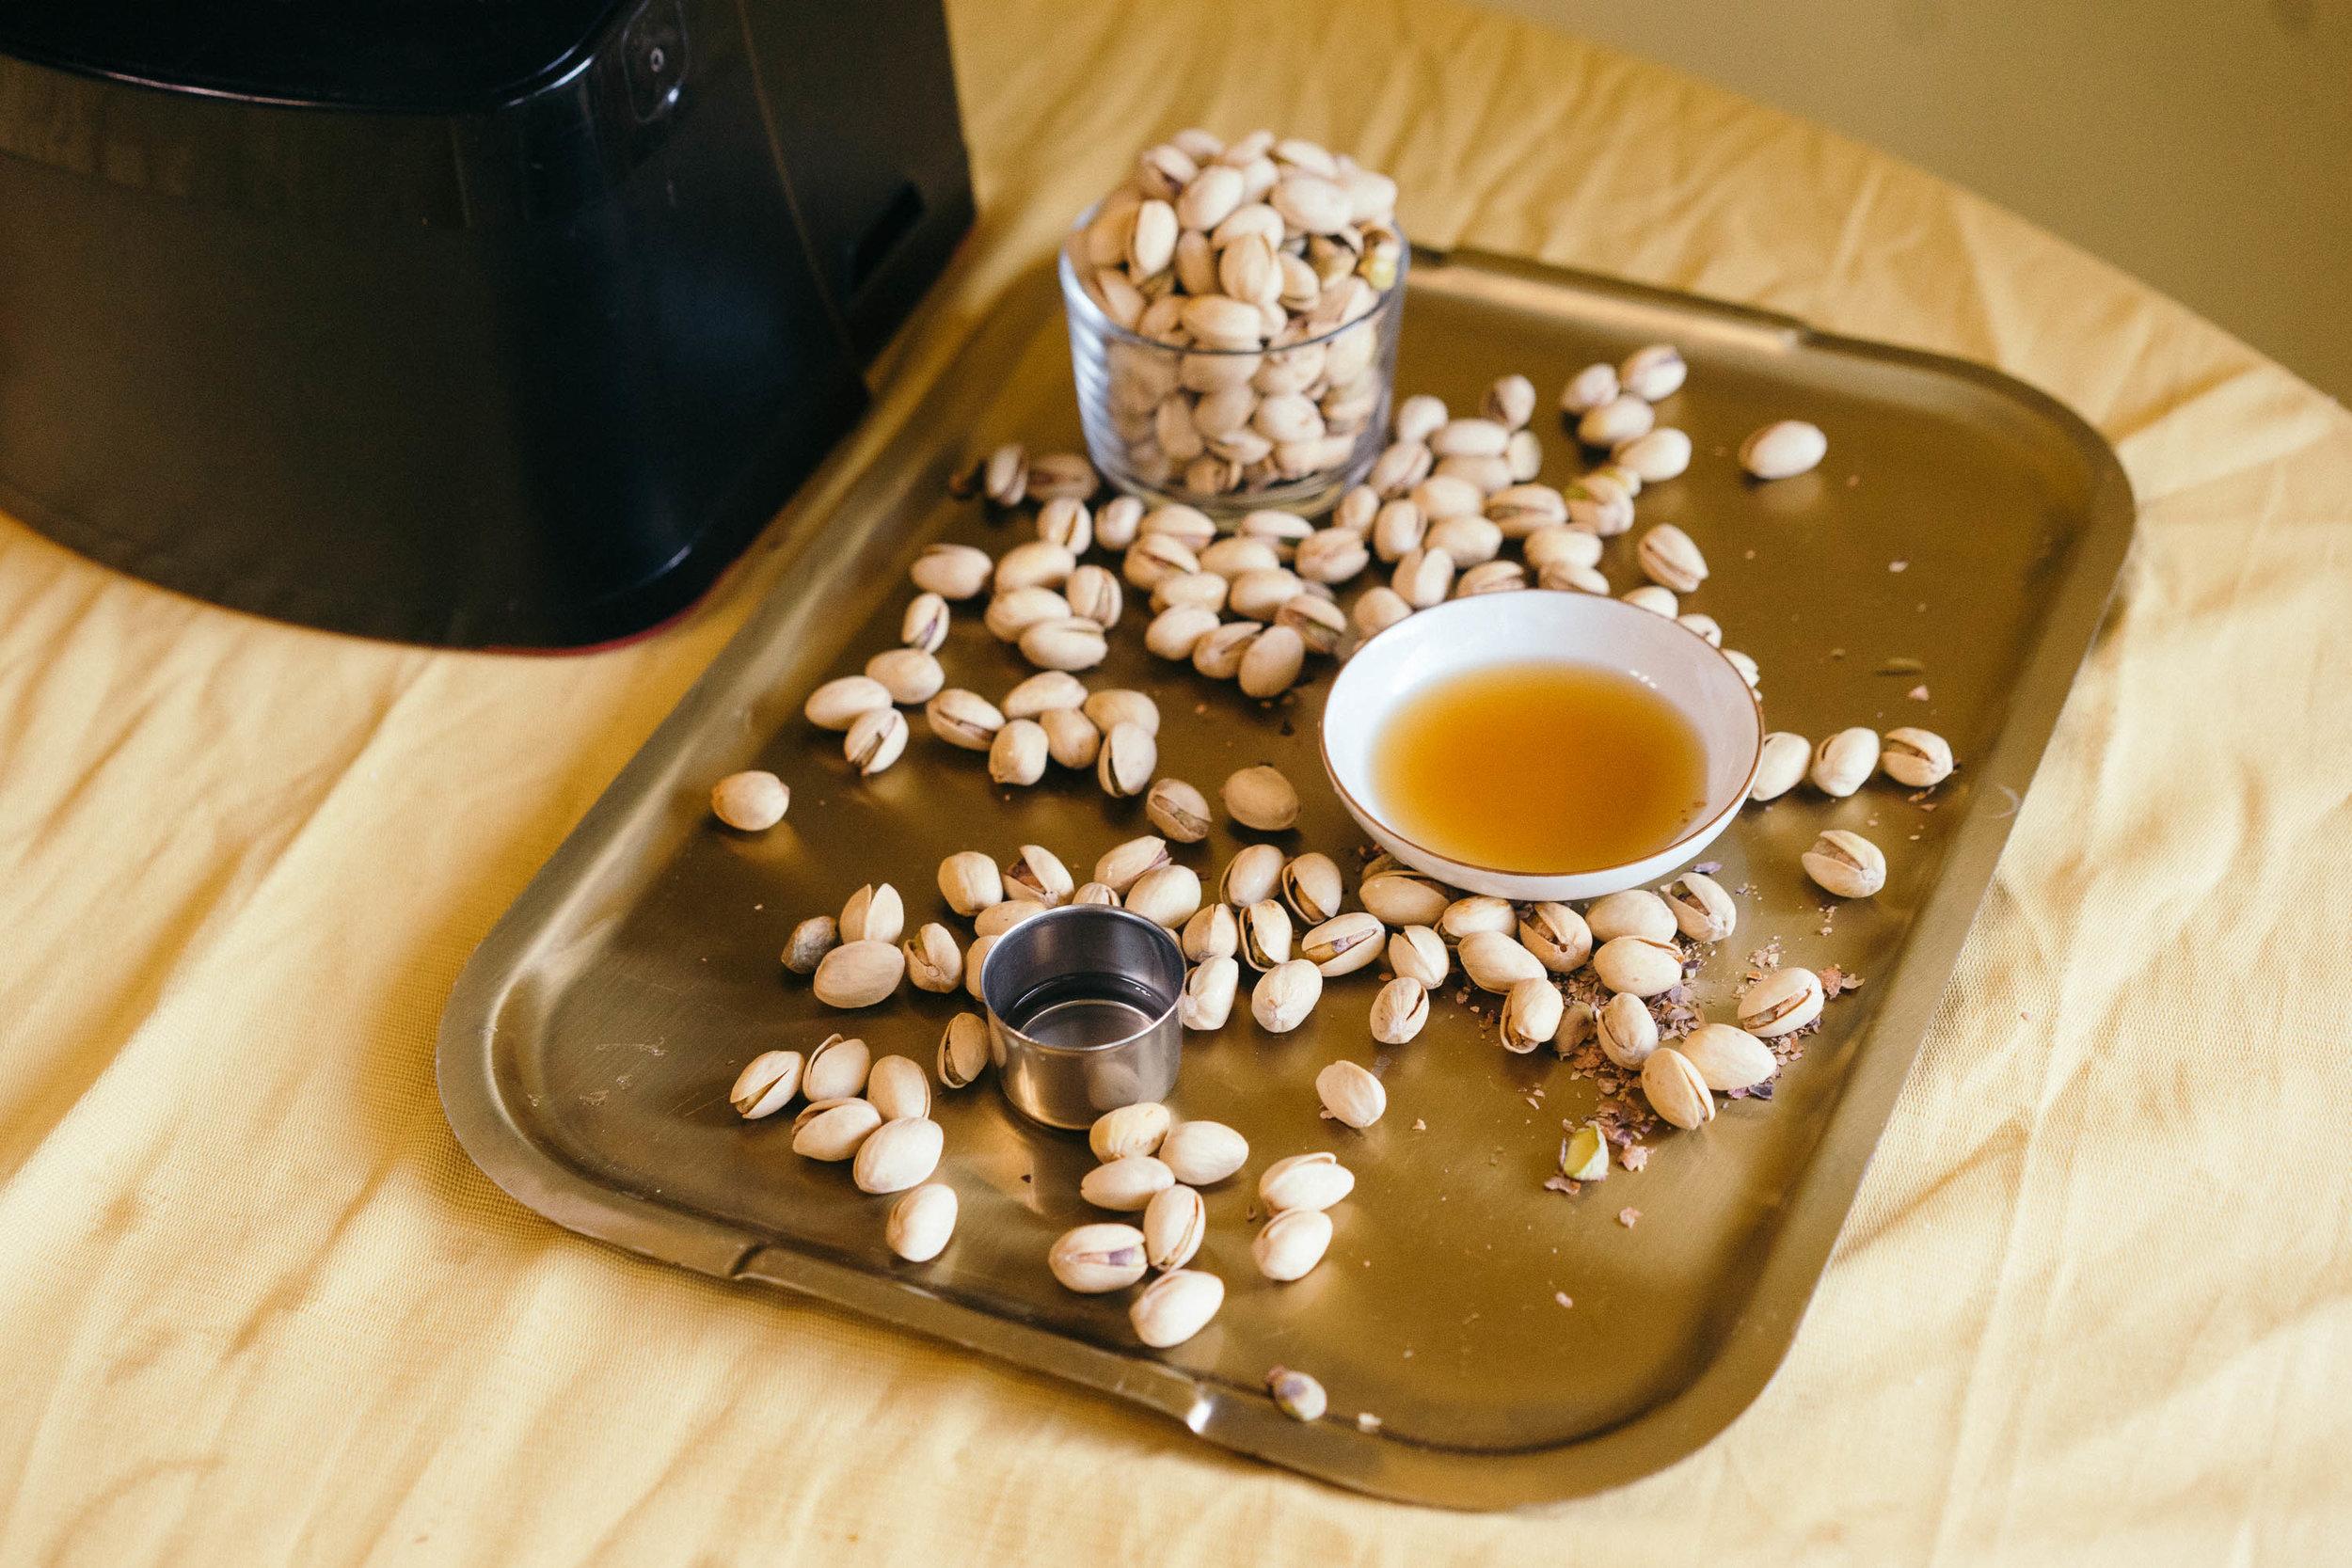 *開心果醬食材:   無鹽無殼開心果 兩杯  椰子油 一湯匙  蜂蜜 一湯匙  鹽一小把